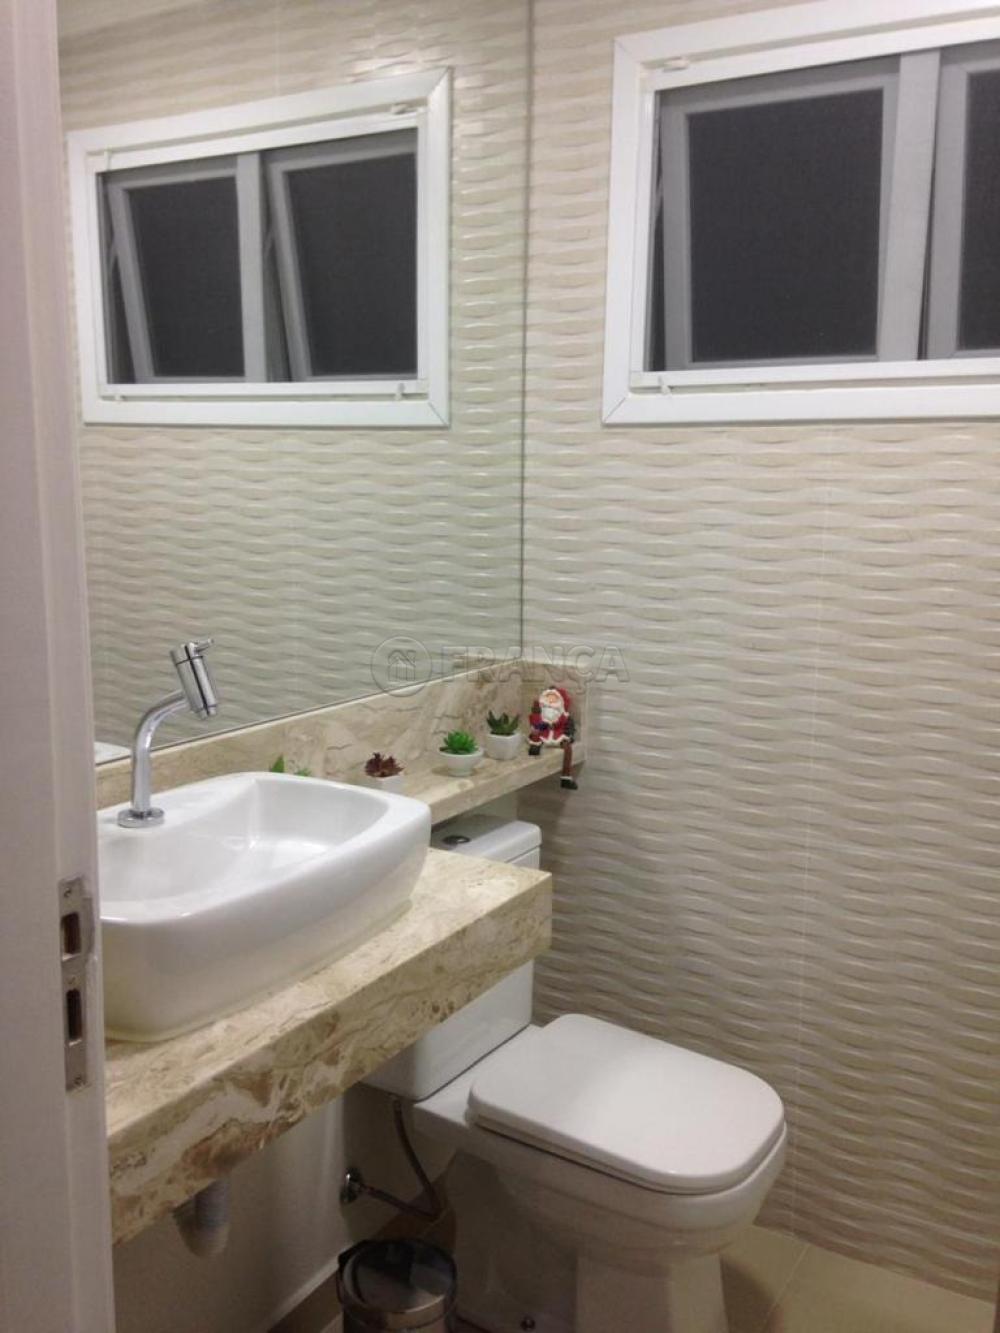 Comprar Casa / Condomínio em Jacareí apenas R$ 460.000,00 - Foto 15